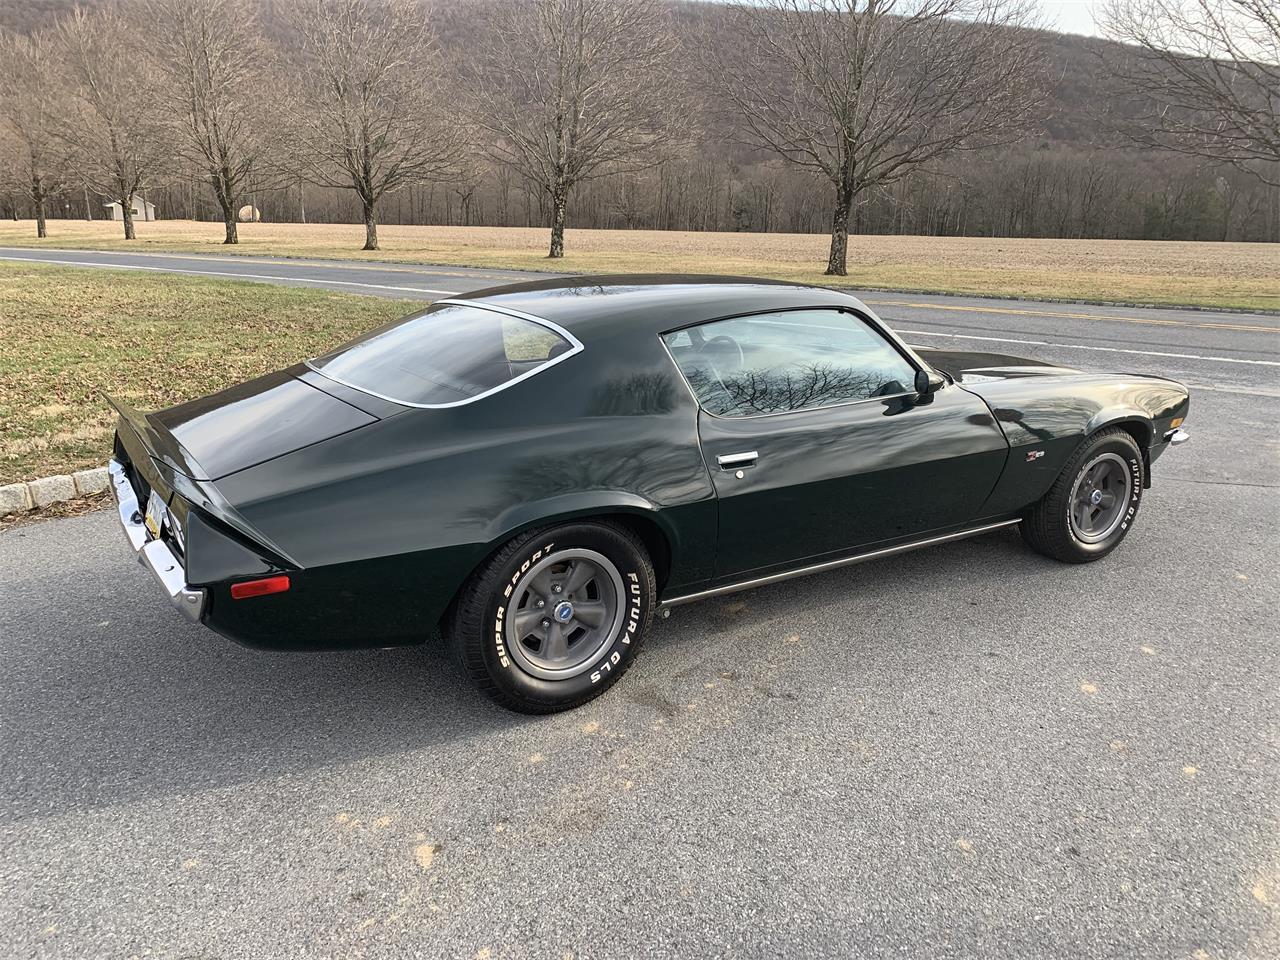 1973 Chevrolet Camaro Z28 (CC-1212188) for sale in Pen Argyl, Pennsylvania